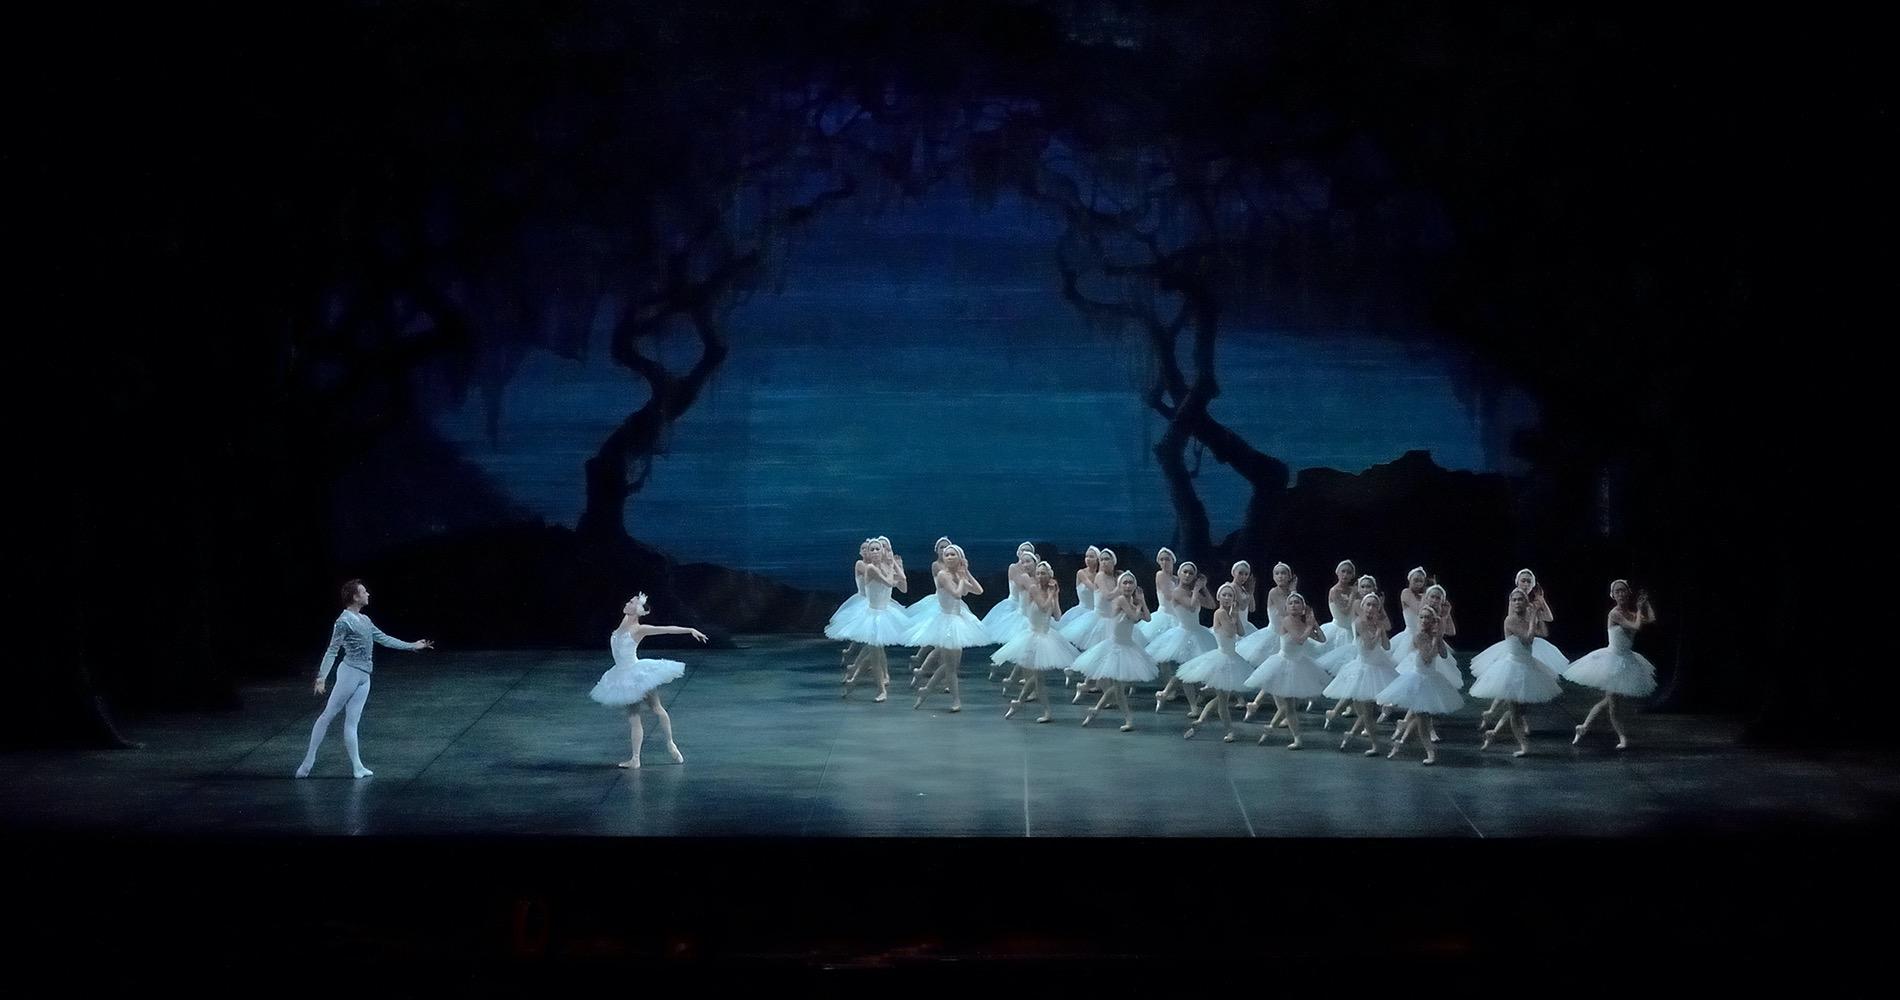 上達するバレエ指導専門 - 本田道子バレエスクール